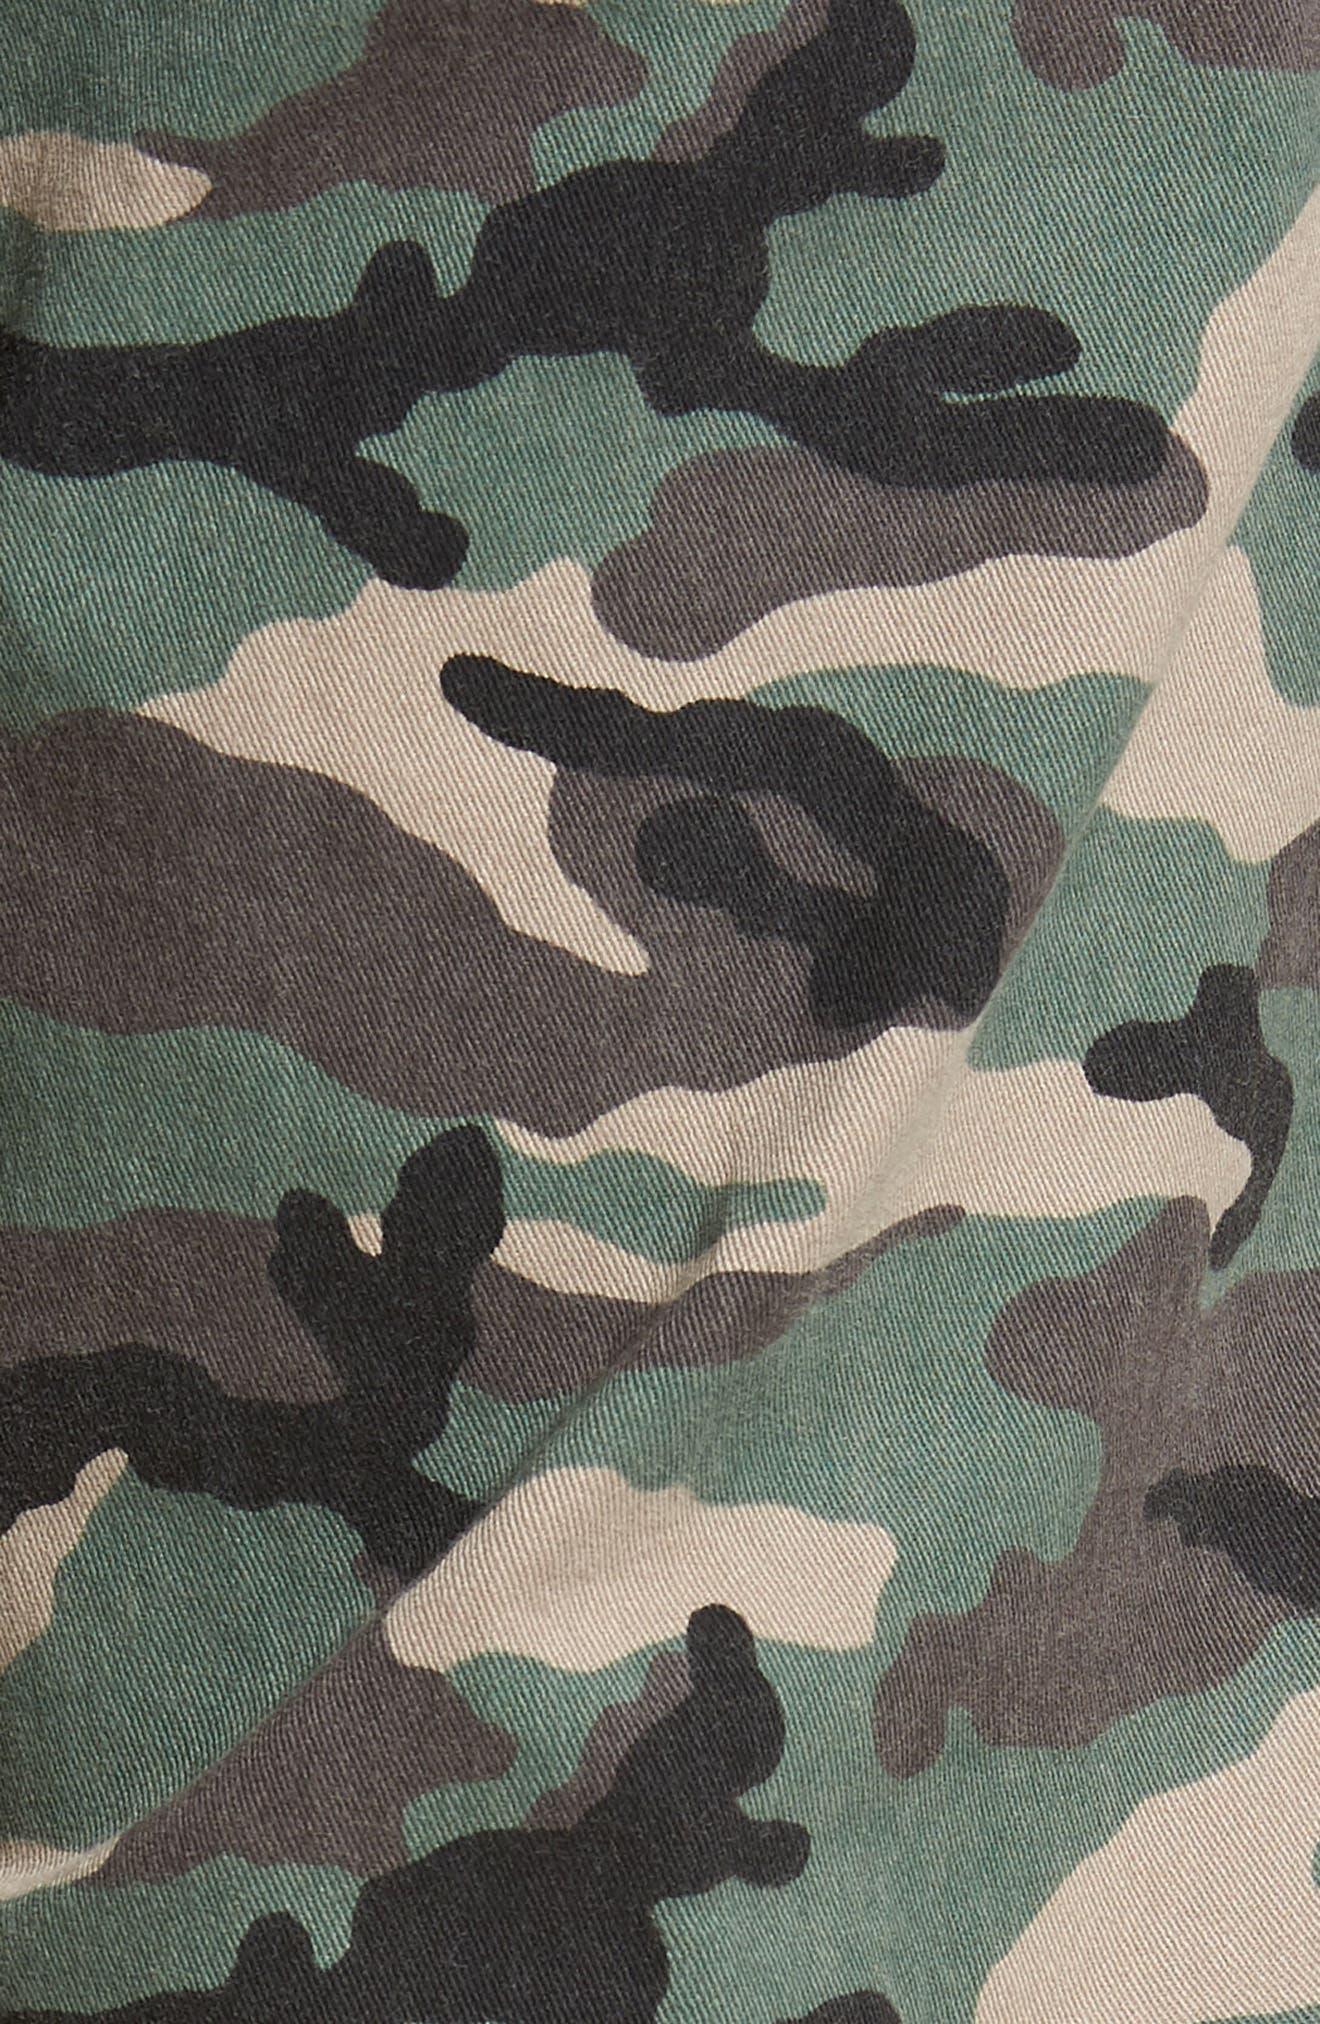 Print Jogger Pants,                             Alternate thumbnail 5, color,                             210